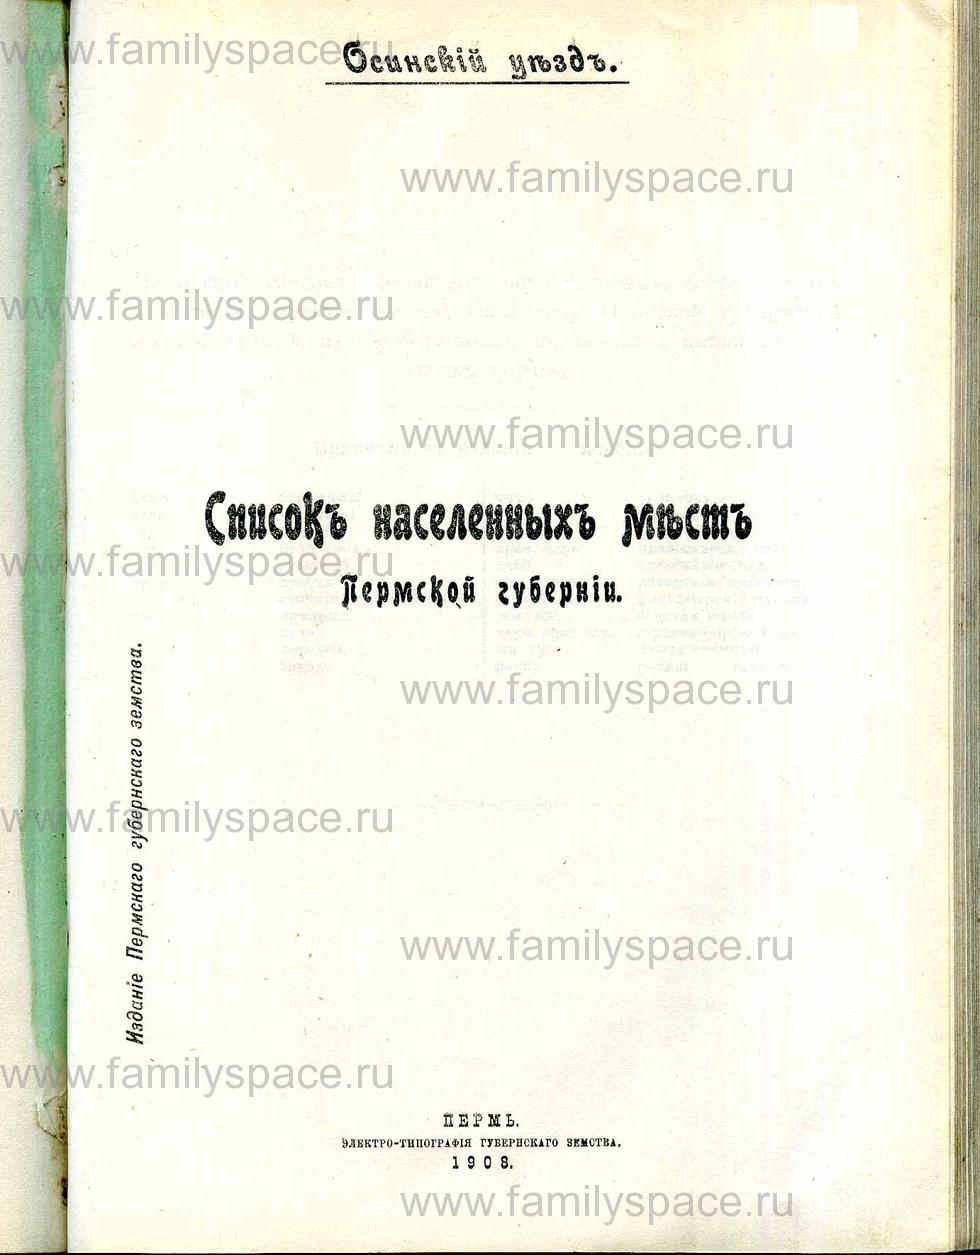 Поиск по фамилии - Список населенных мест Пермской губернии Осинский уезд 1908 г, страница 1